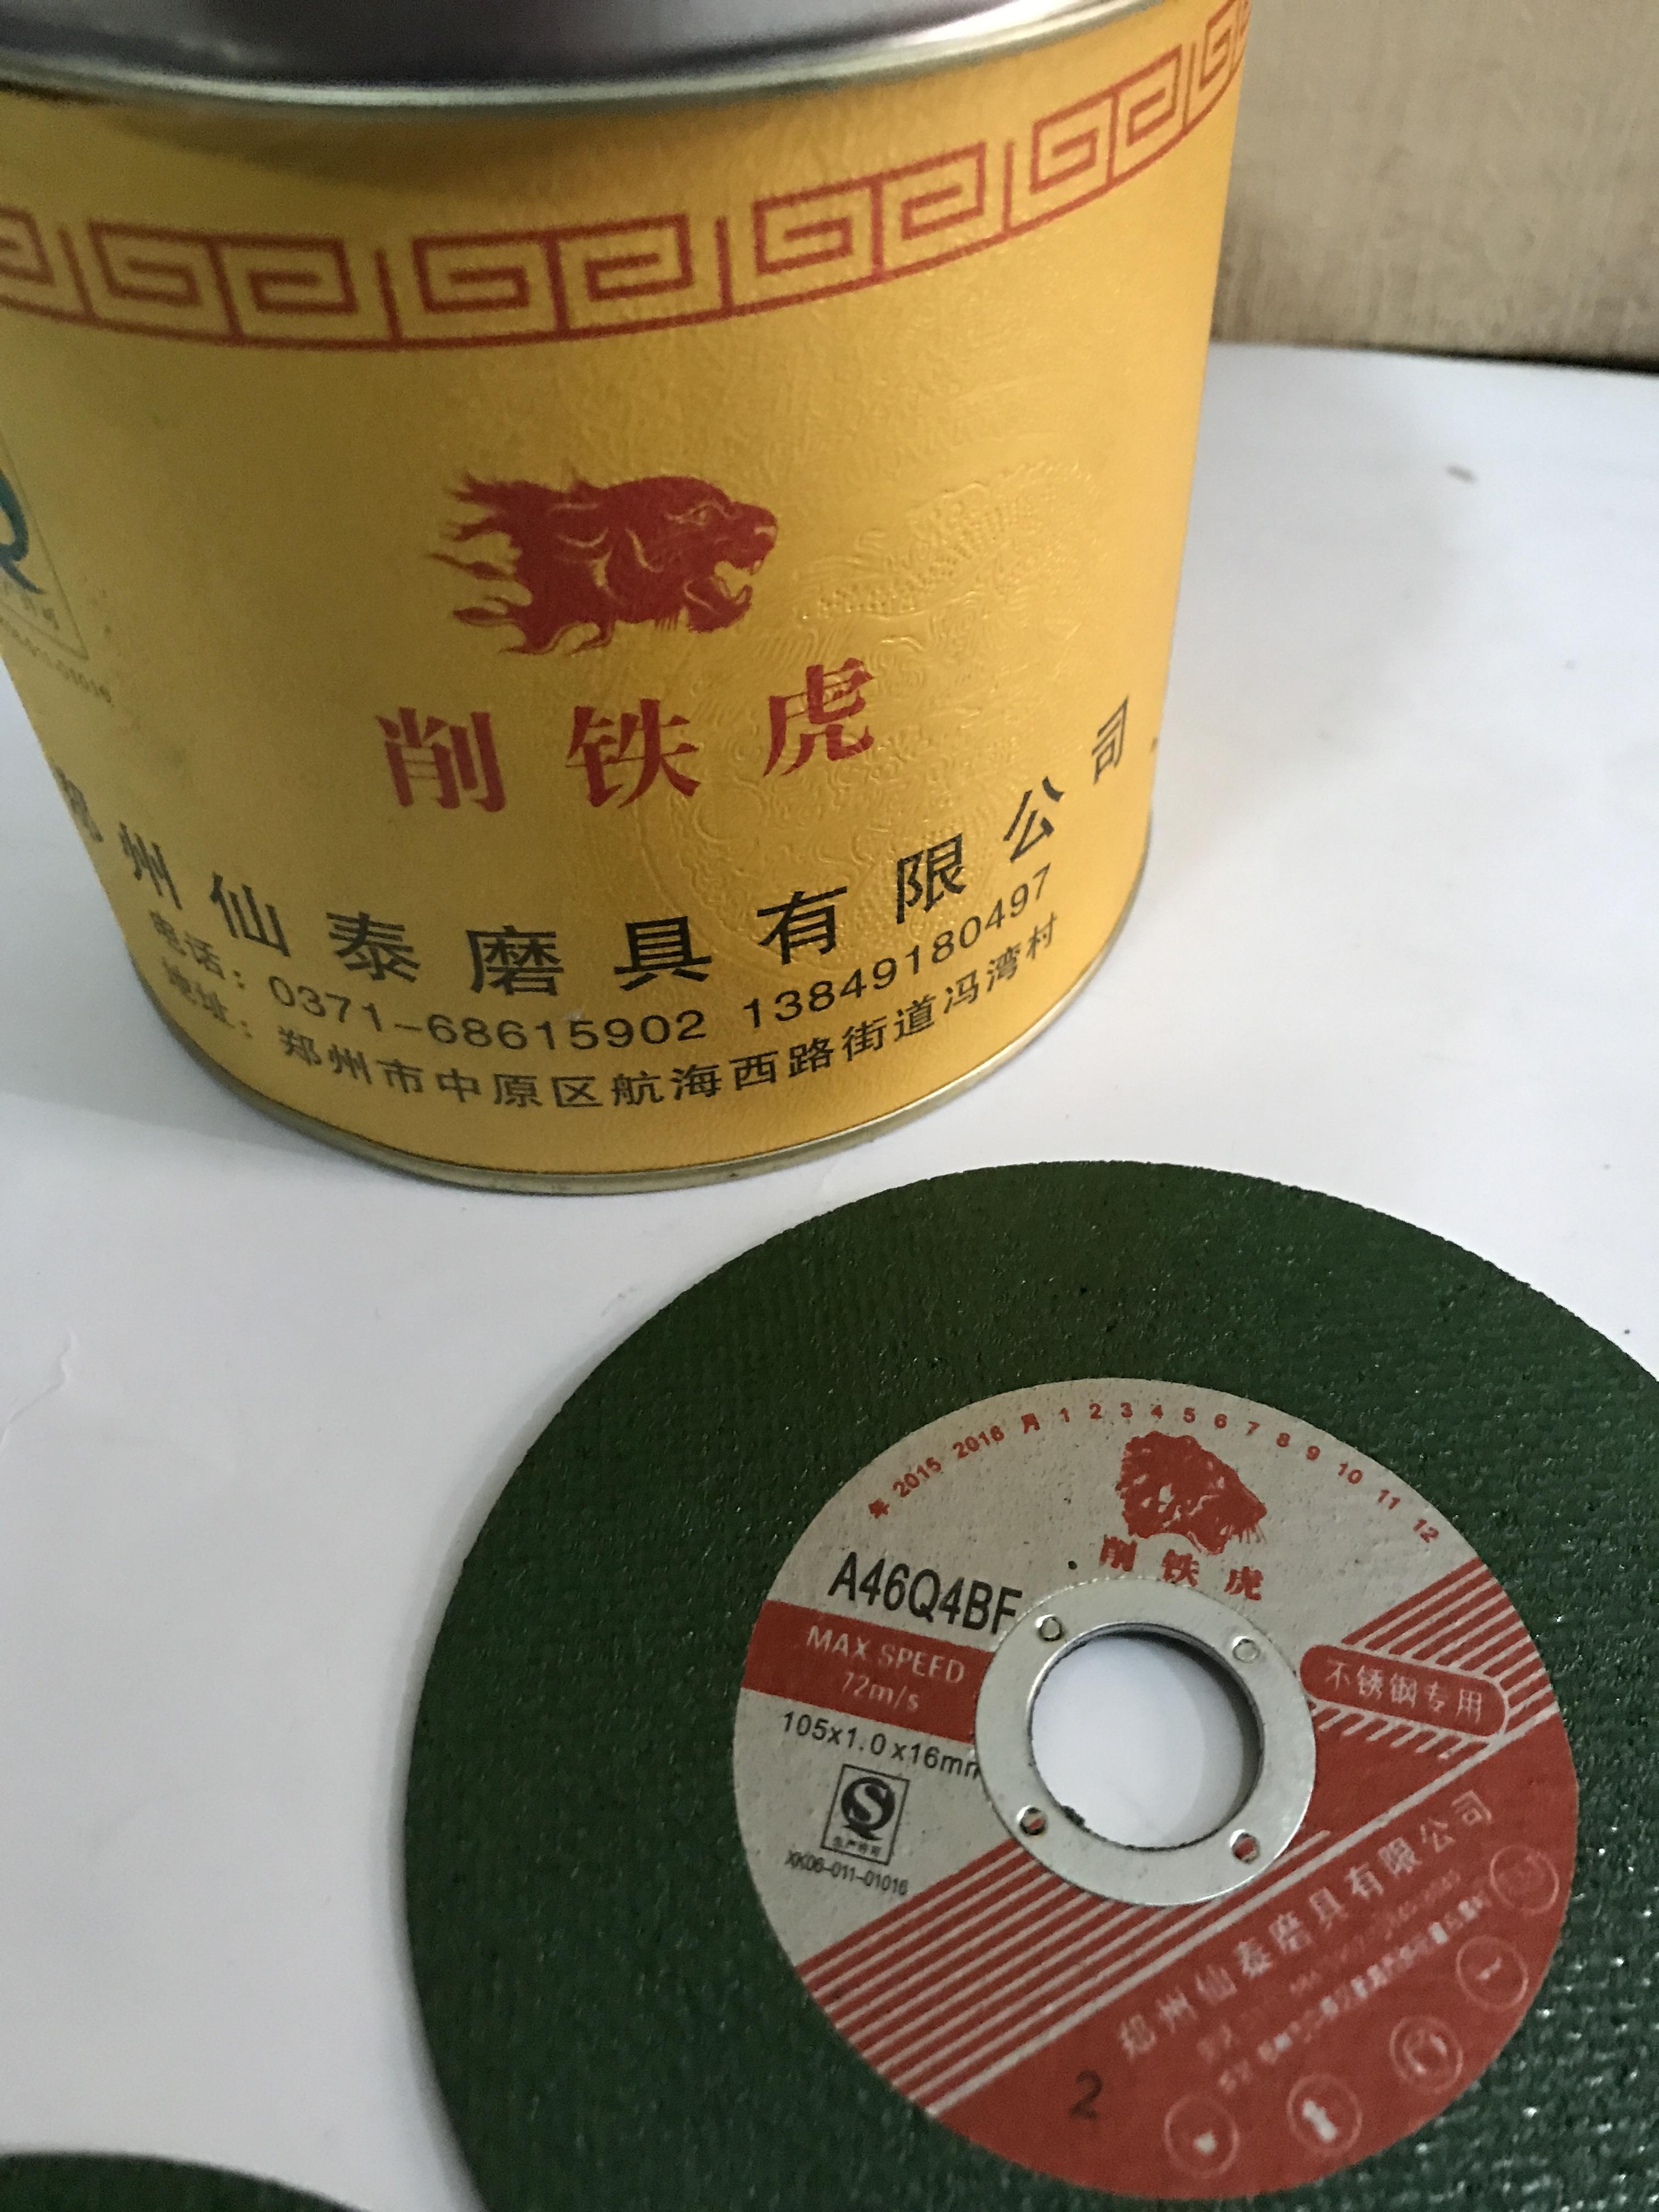 угловая шлифовальная машина резки листового очень смолы шлифовальным нержавеющей стали алюминиевых сплавов, шлифовать таблетки 100 двойной полированной пластины